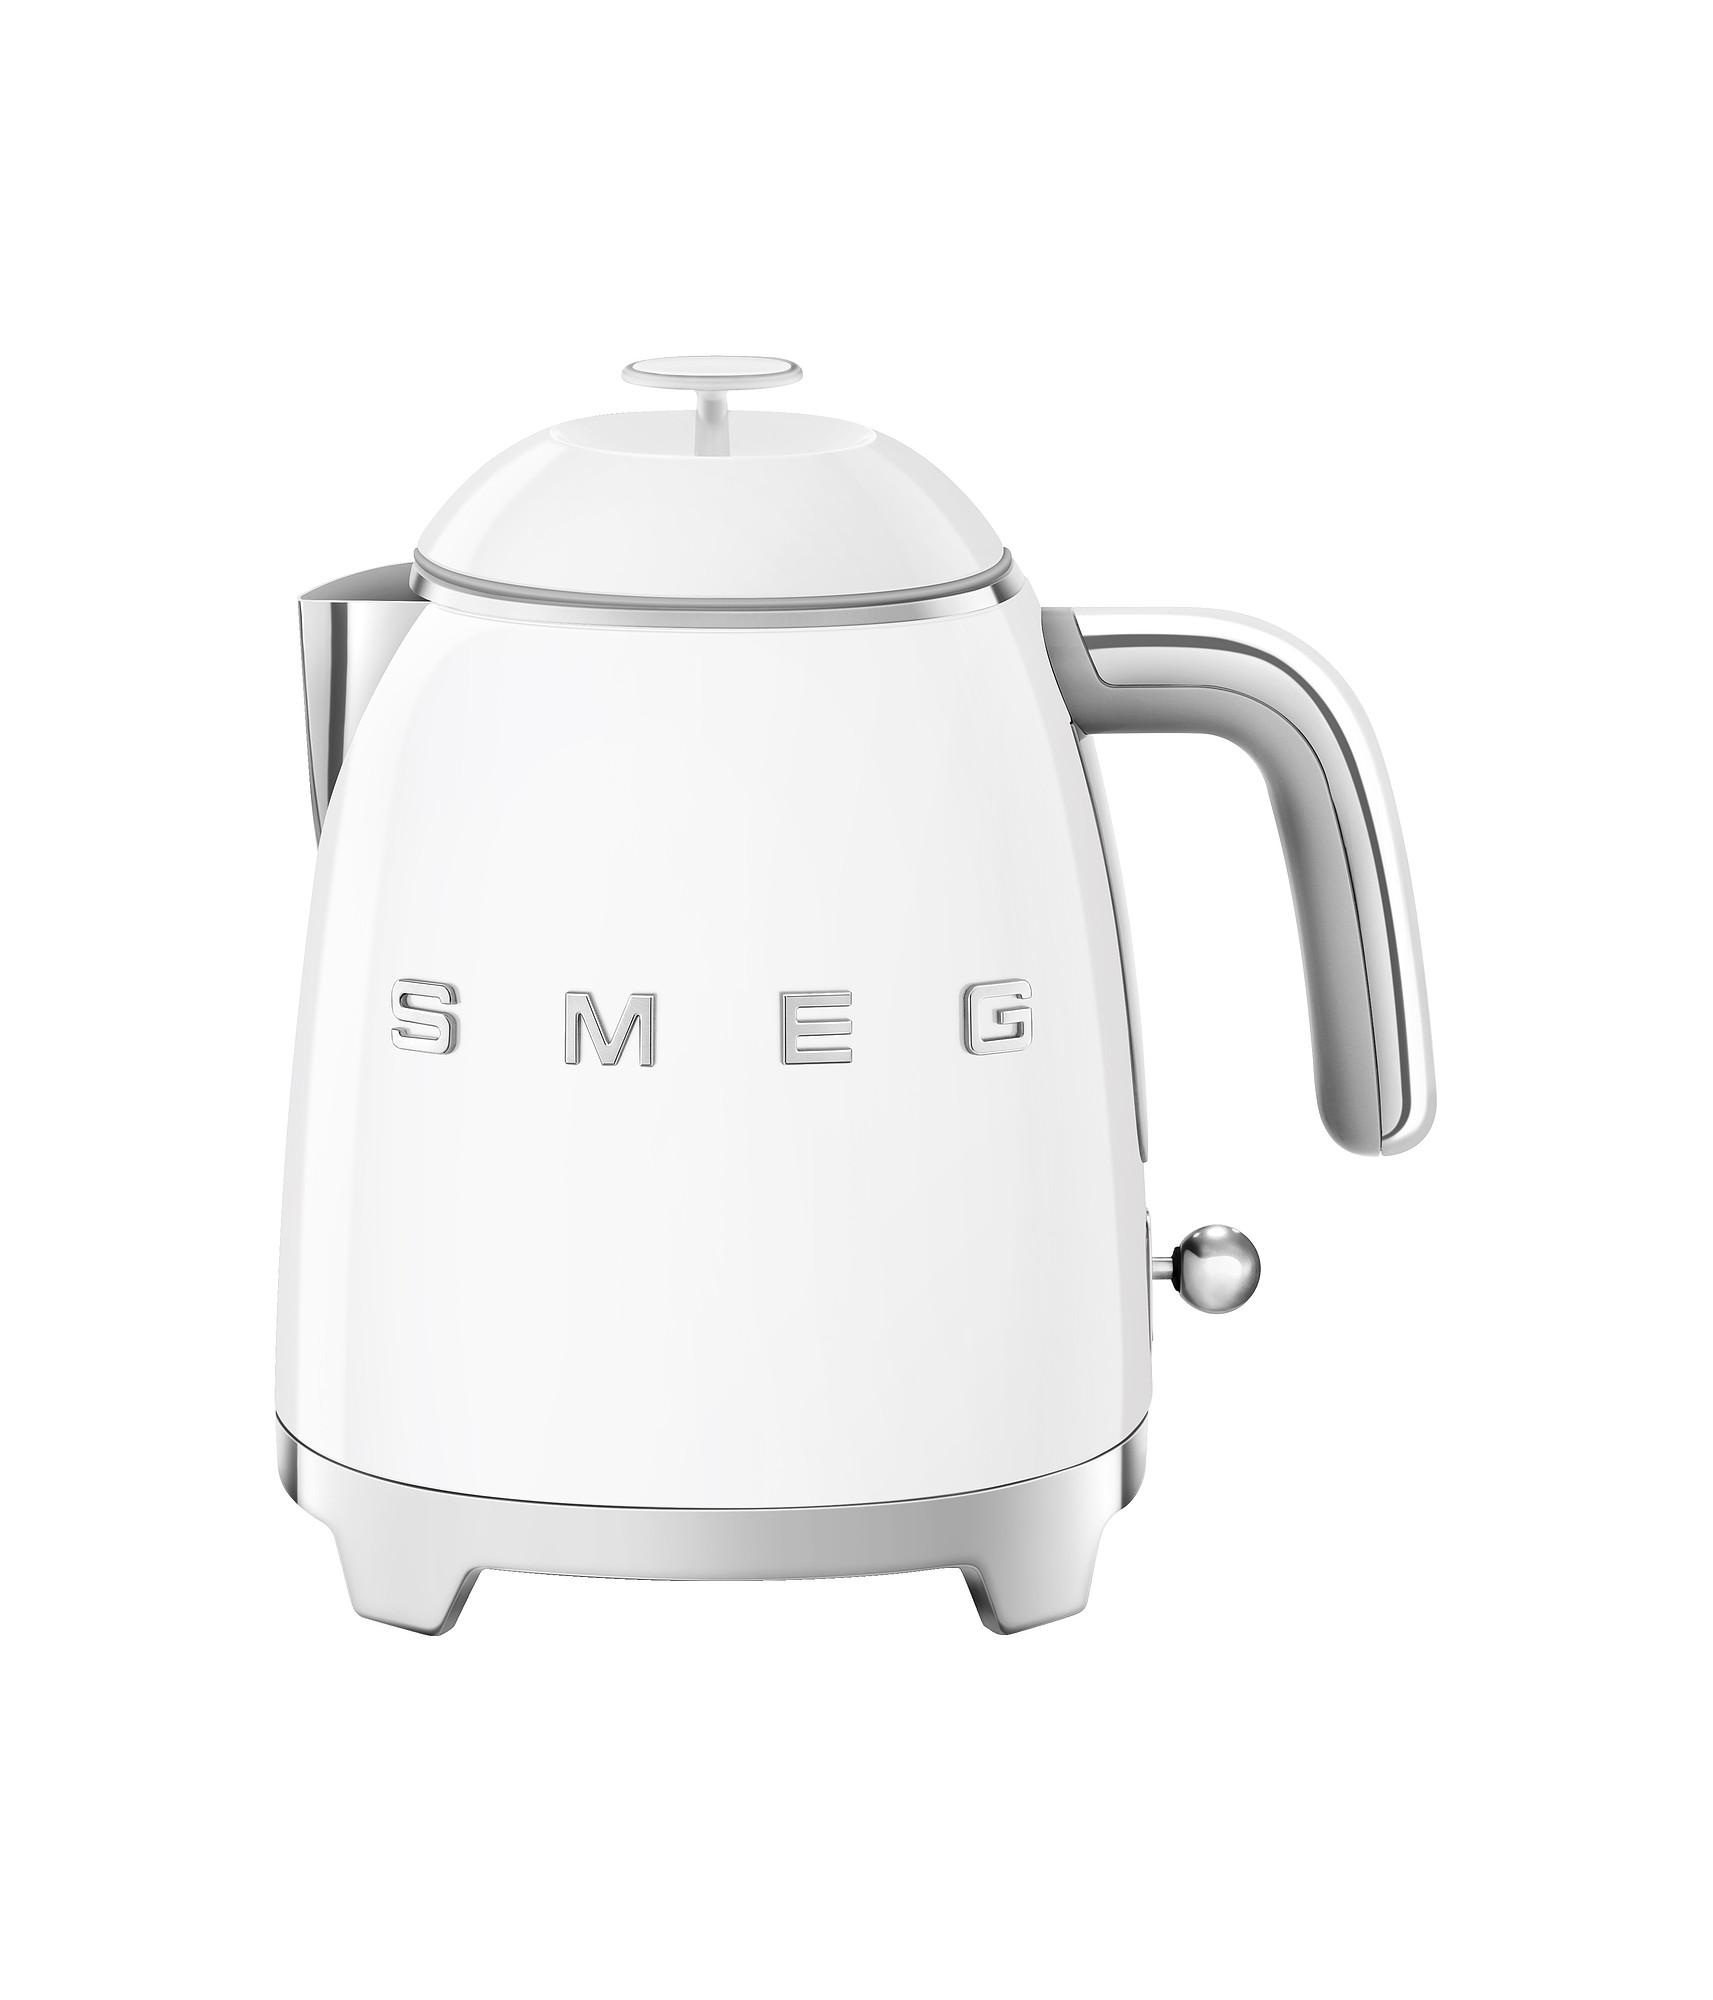 SMEG Mini Wasserkocher weiß